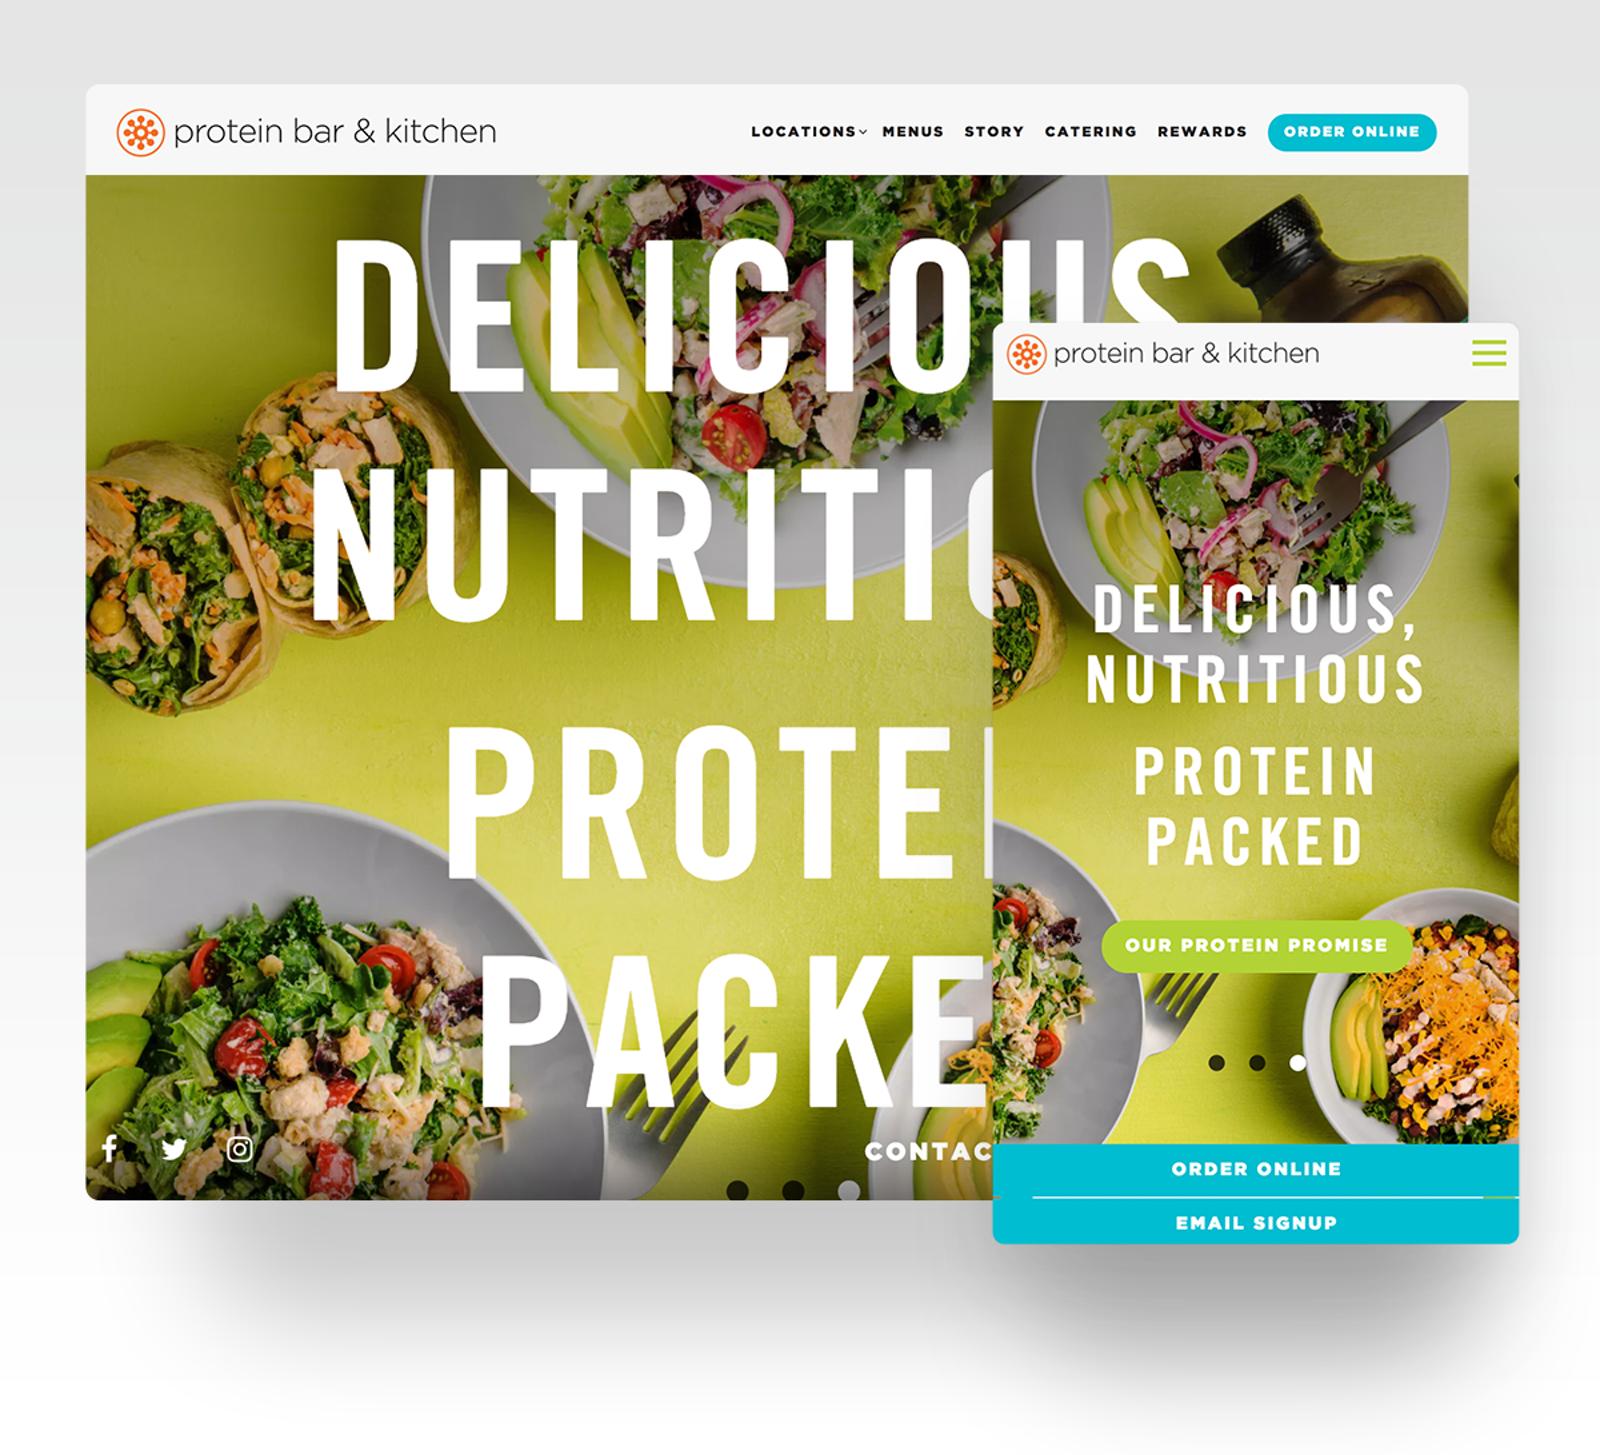 Protein Bar + Kitchen website